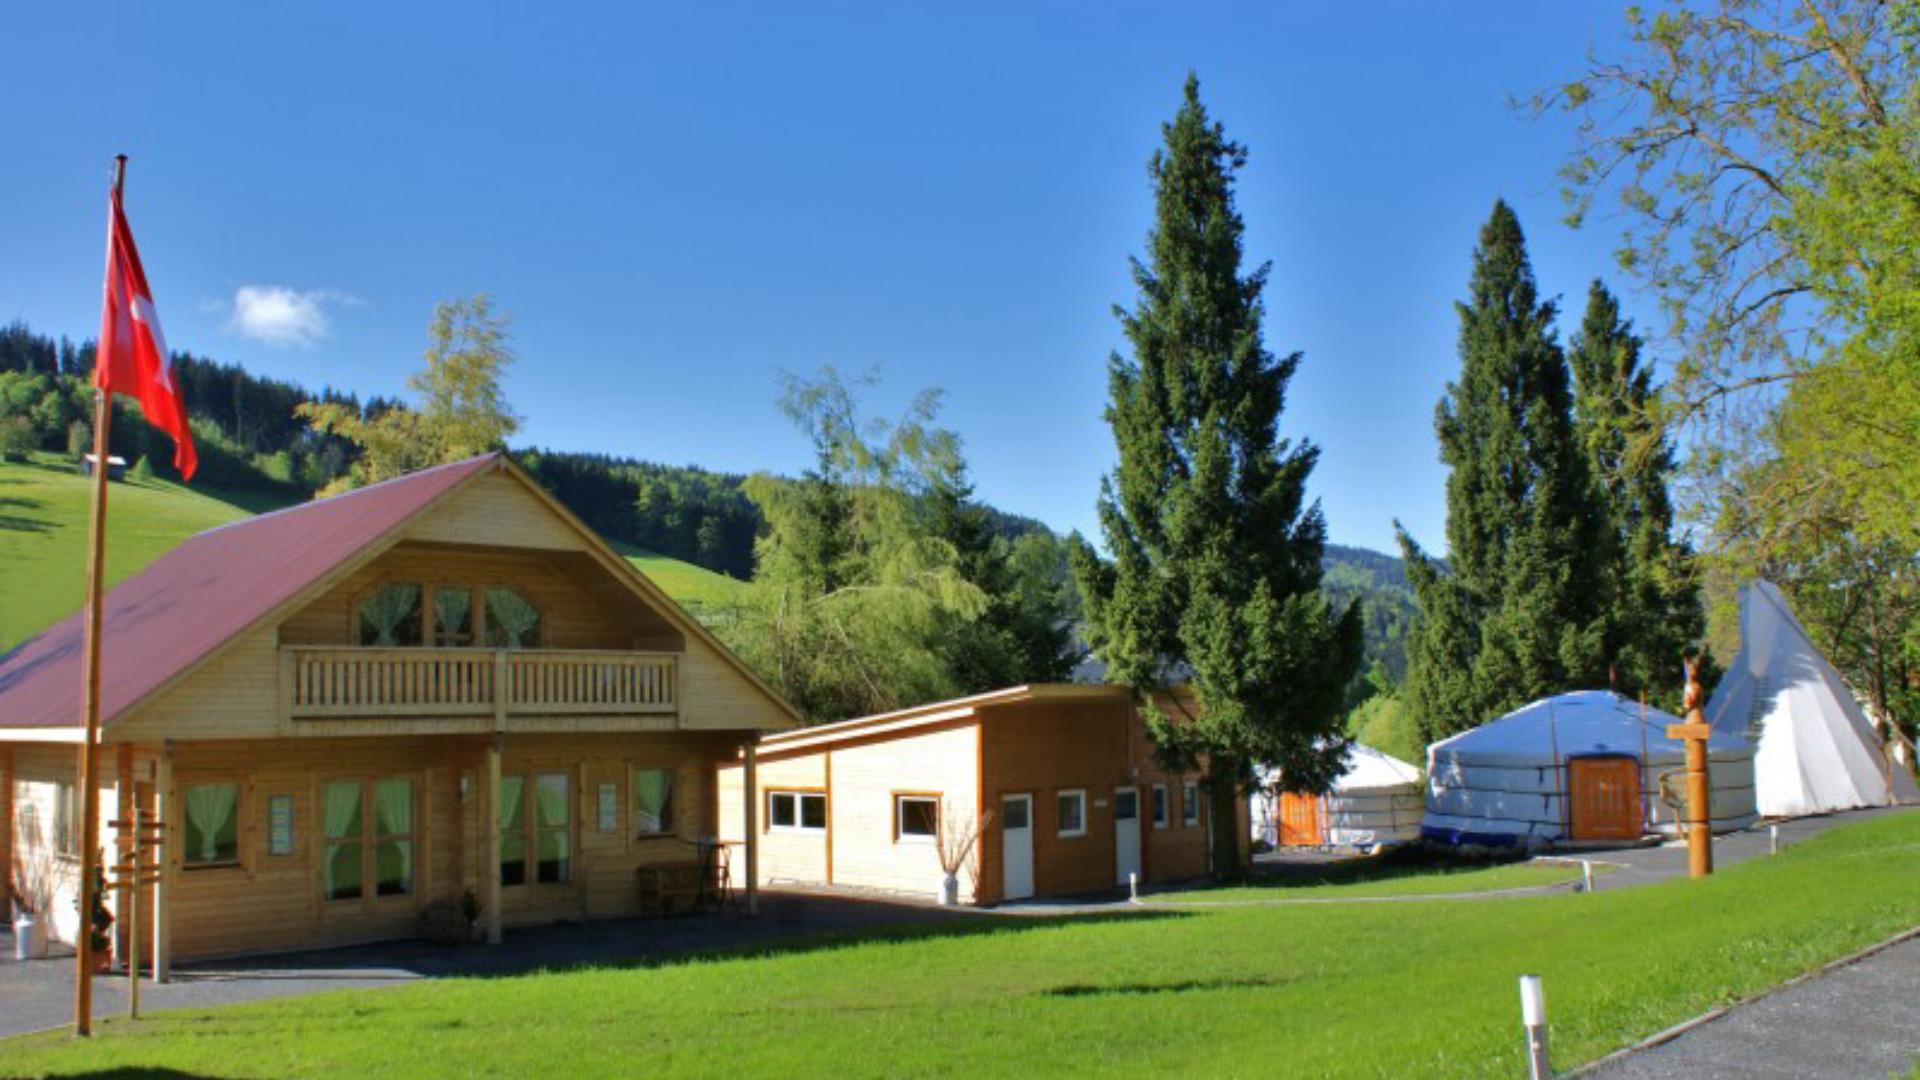 Villa Donkey Ferien- und Erlebnisdorf